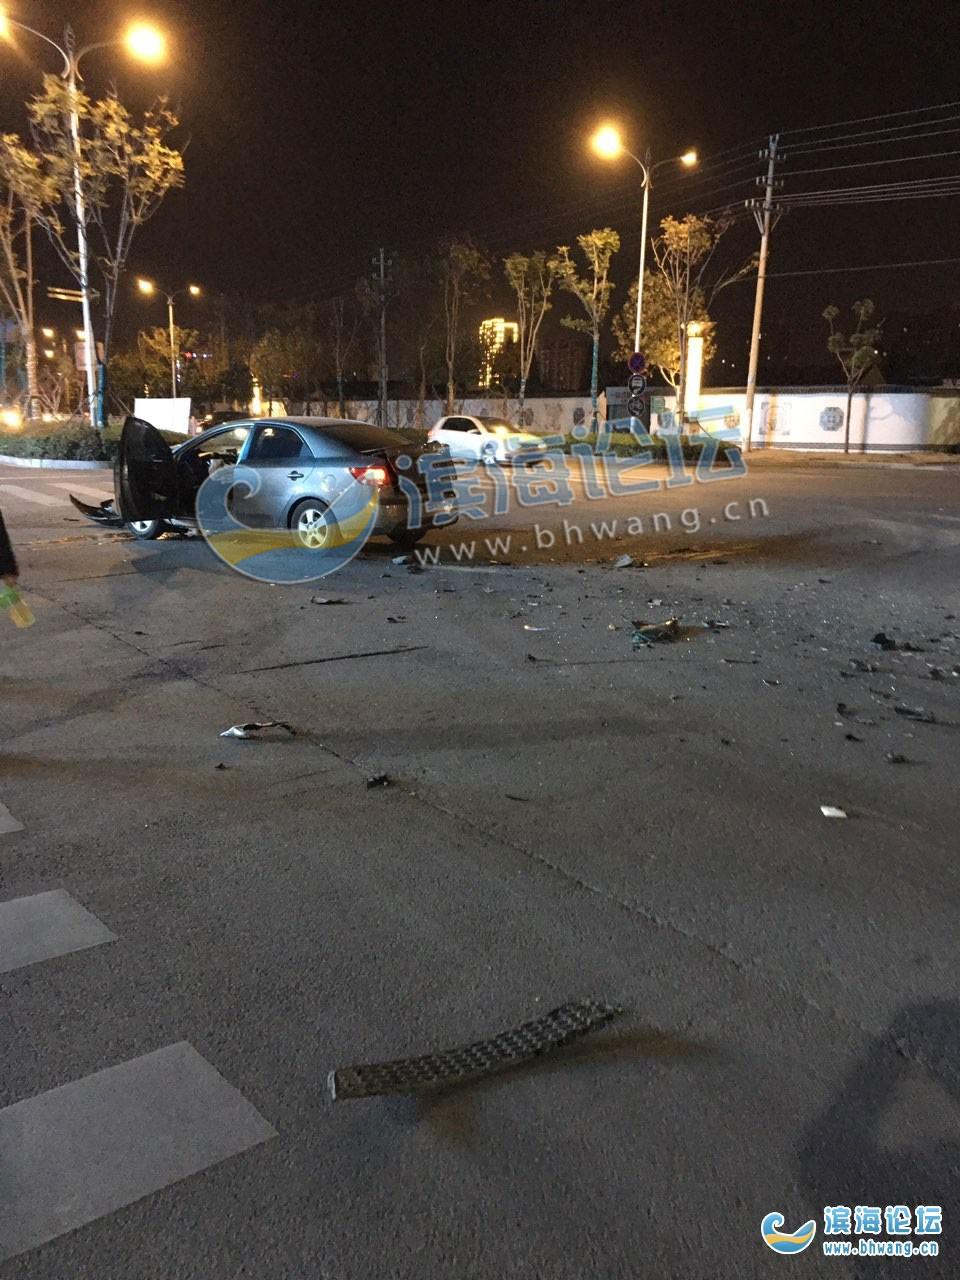 育才西路富康路十字路口剛剛發生一起交通事故,兩車車頭破損